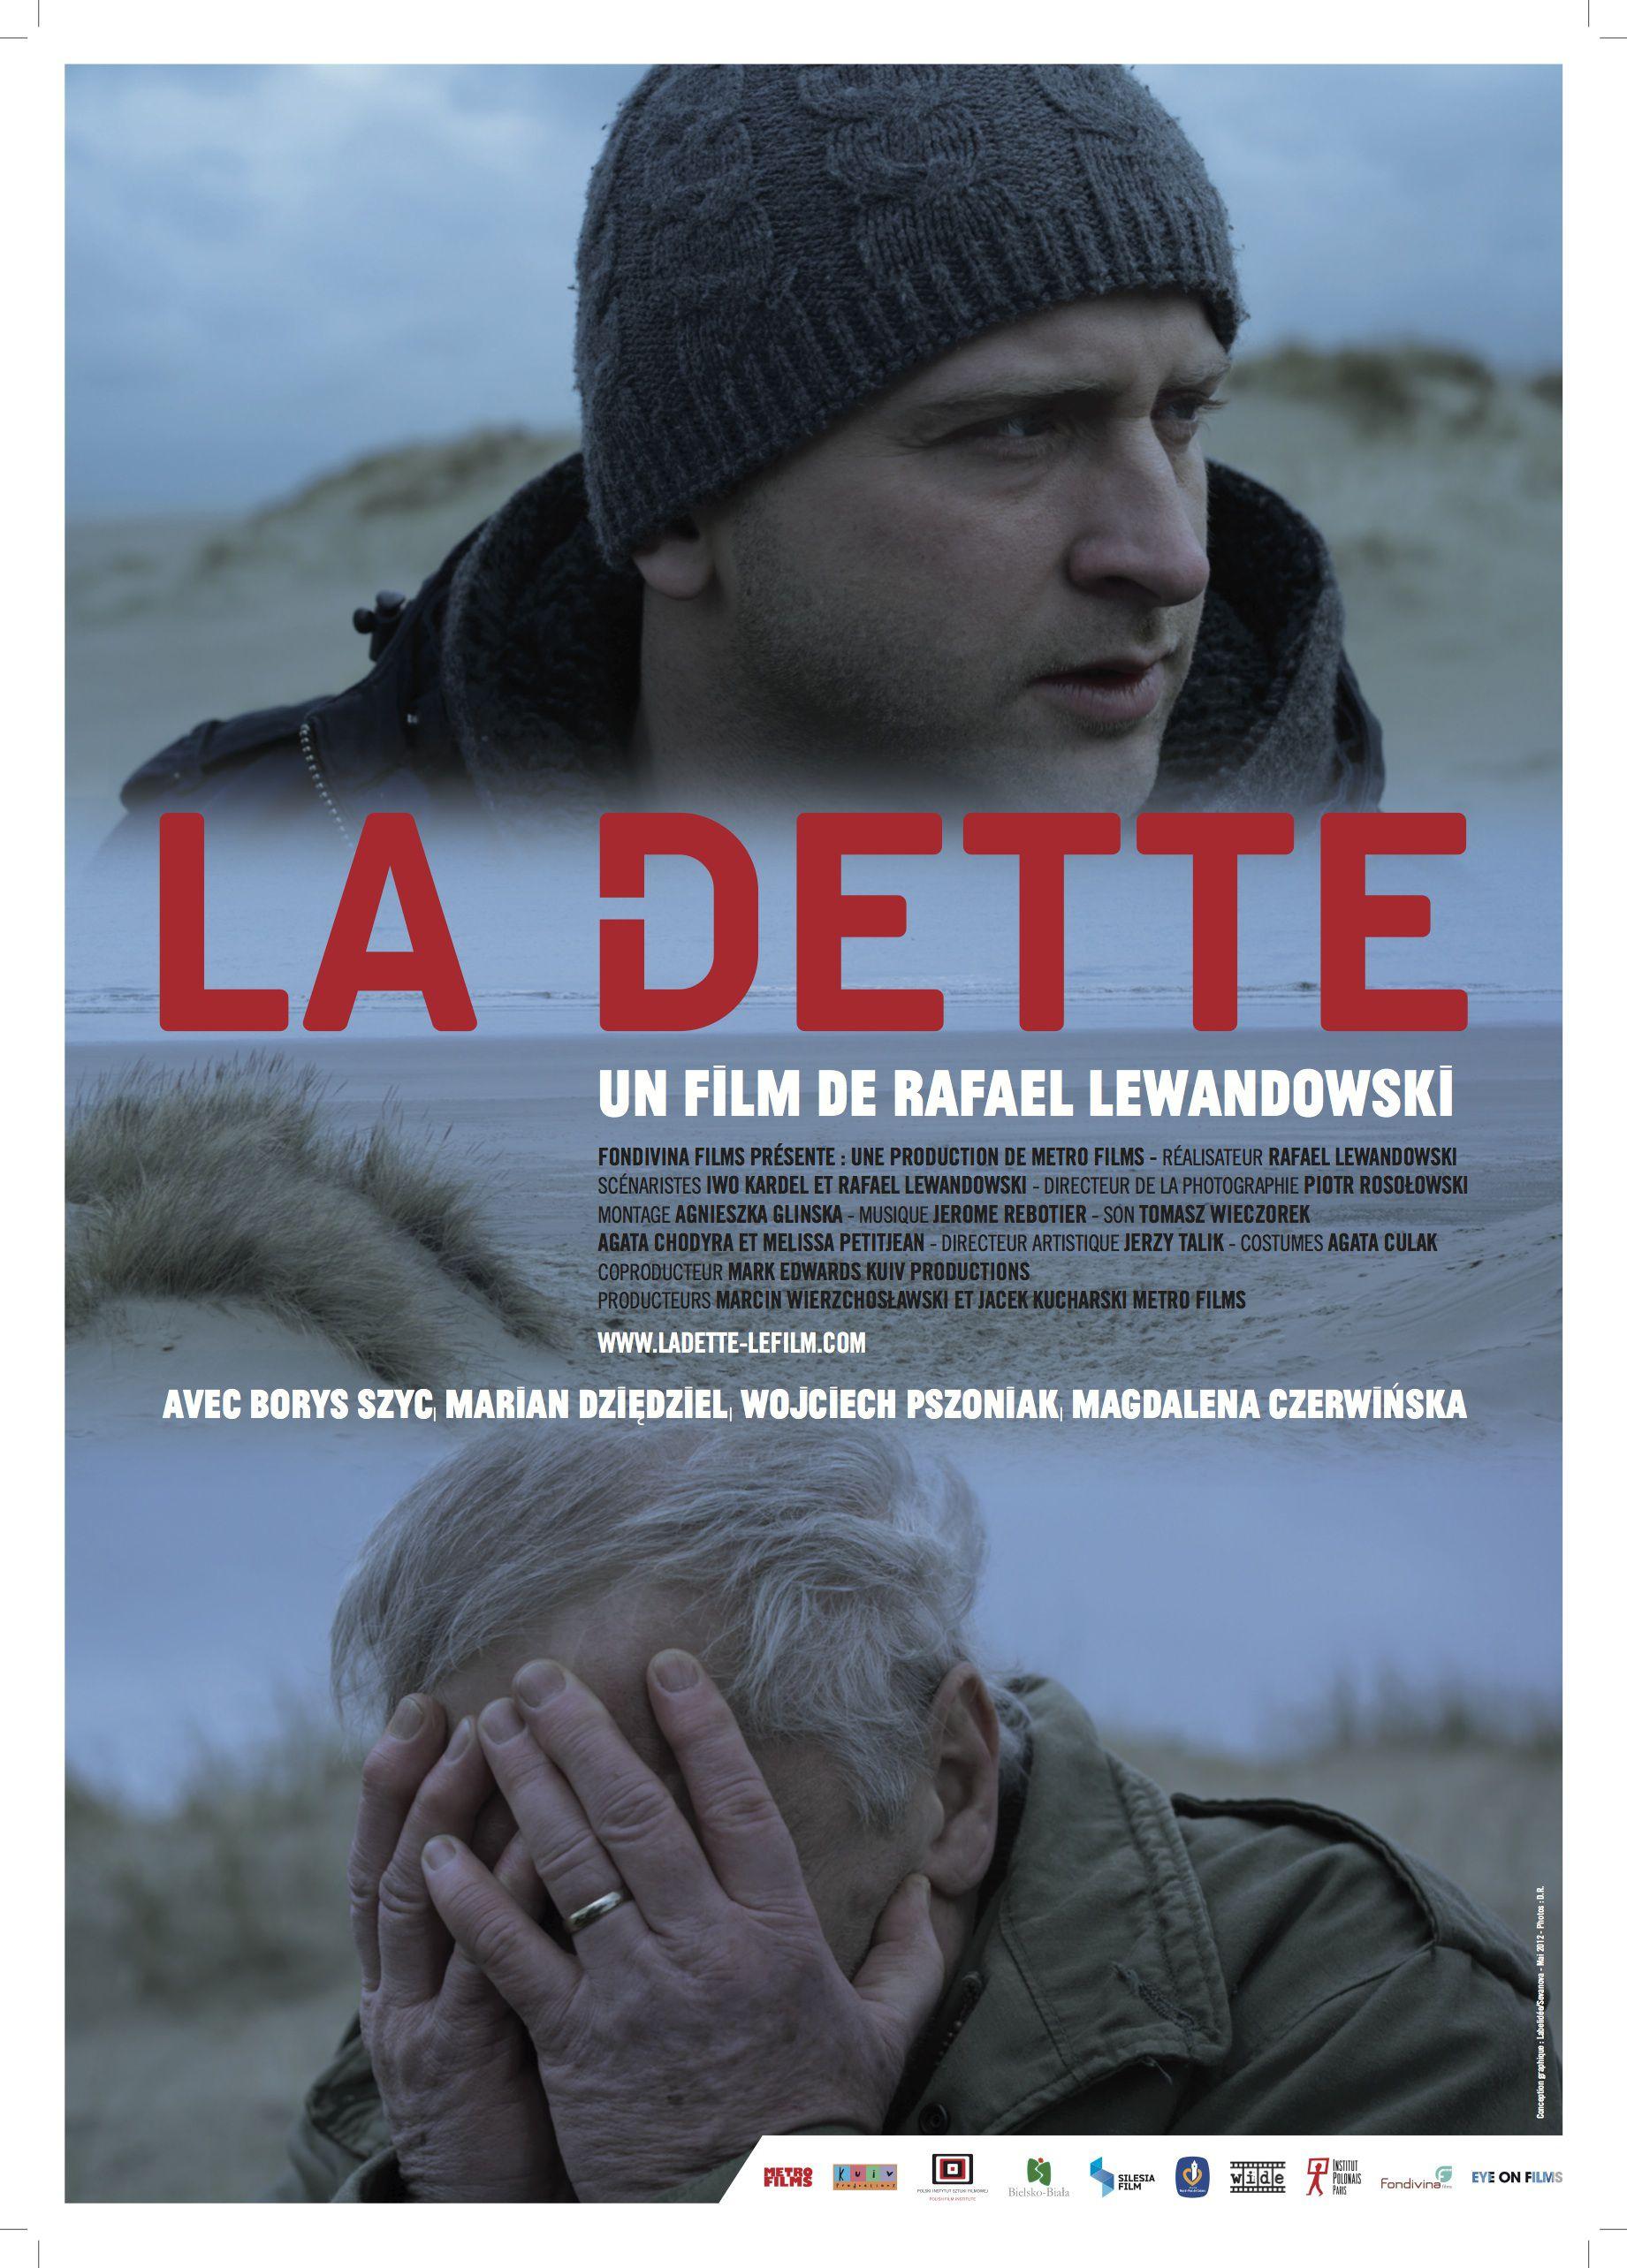 La Dette - Film (2012)